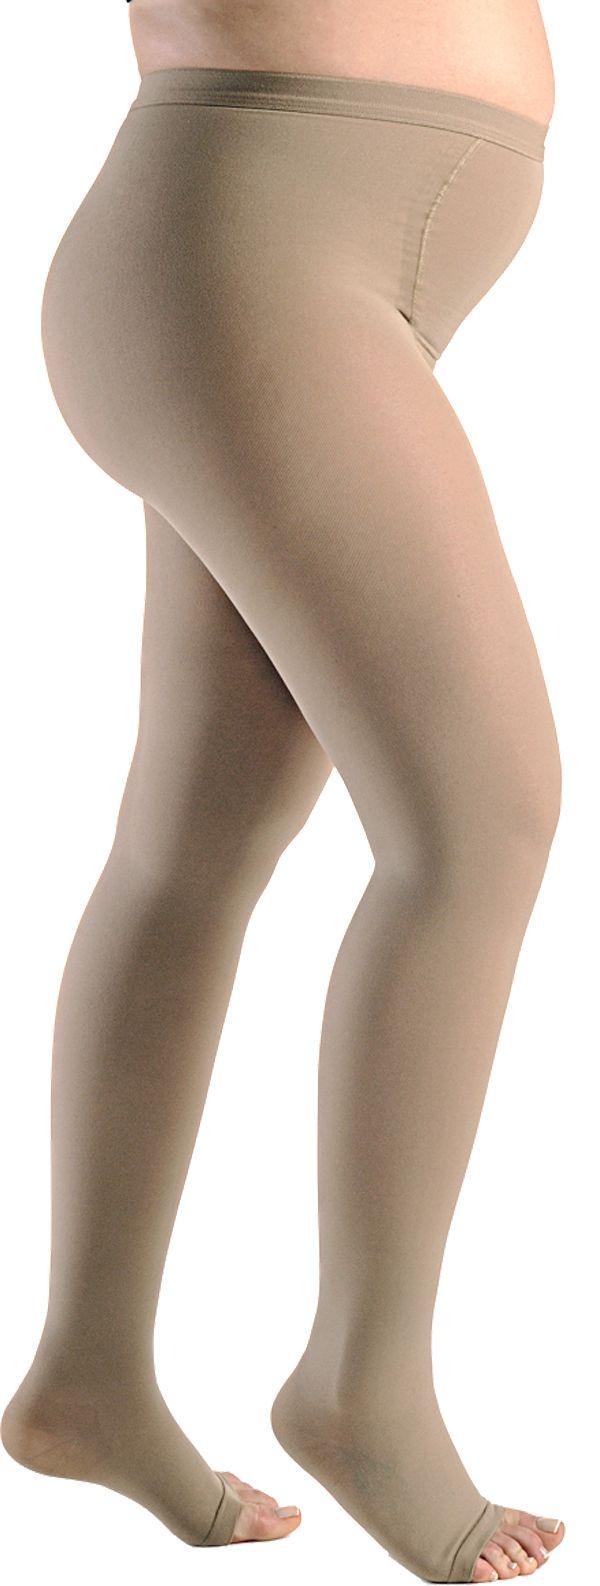 Meia de Compressão Materna Essencial Conforto - Meia Calça - 20-30 mmHg - Natural